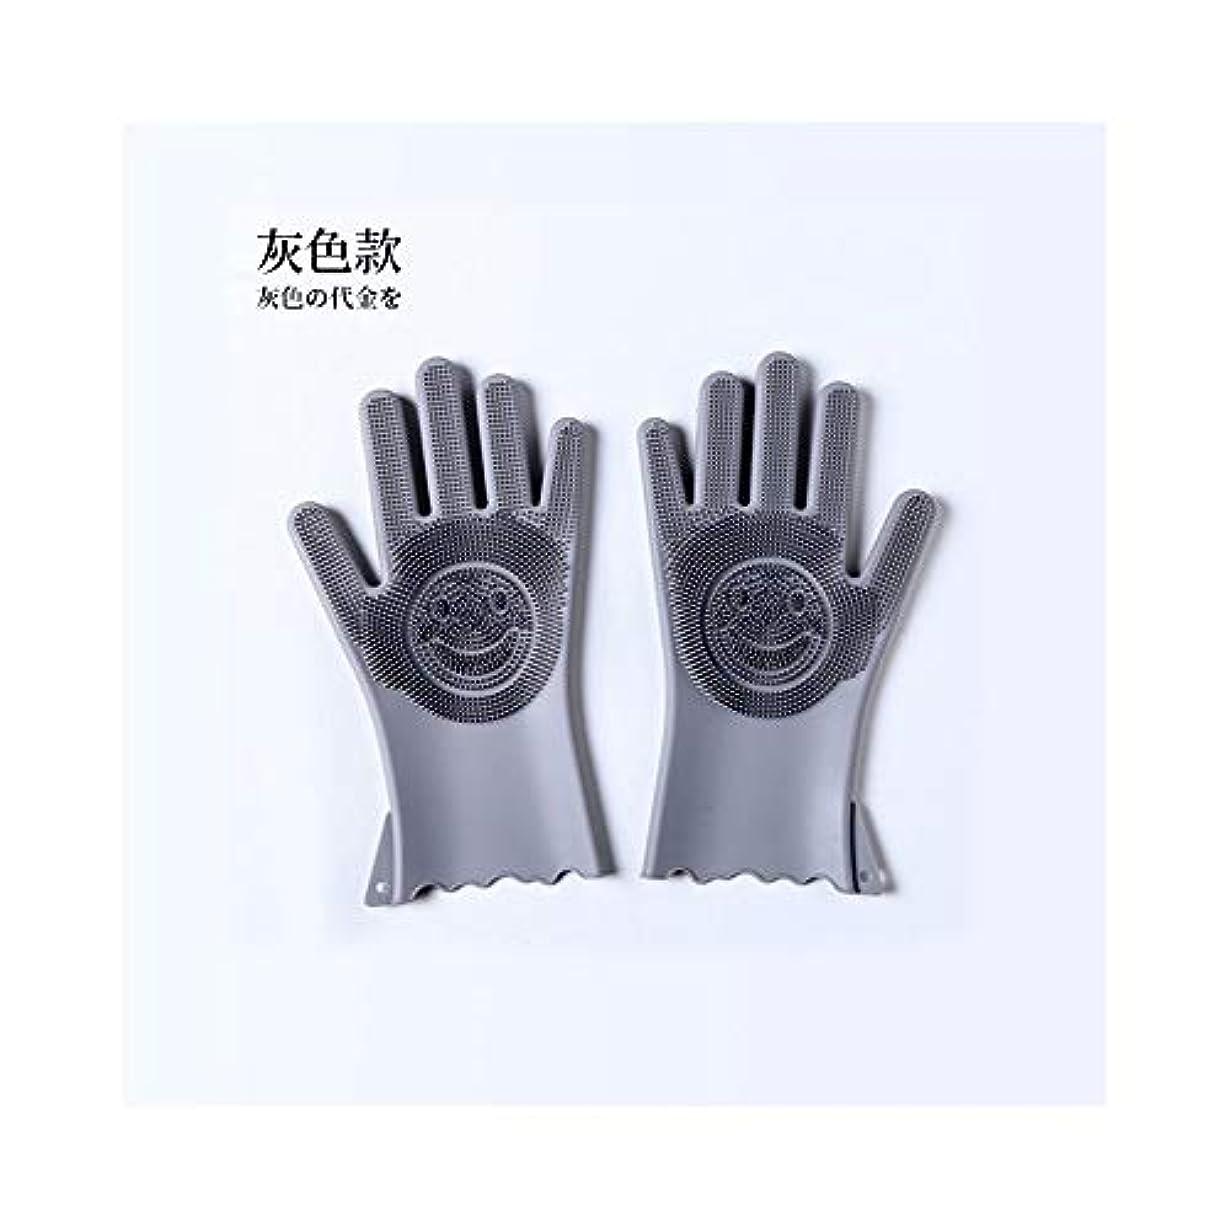 デザートスリンク解釈するBTXXYJP キッチン用手袋 手袋 食器洗い 作業 泡立ち 食器洗い 炊事 掃除 園芸 洗車 防水 手袋 (Color : Gray, Size : M)